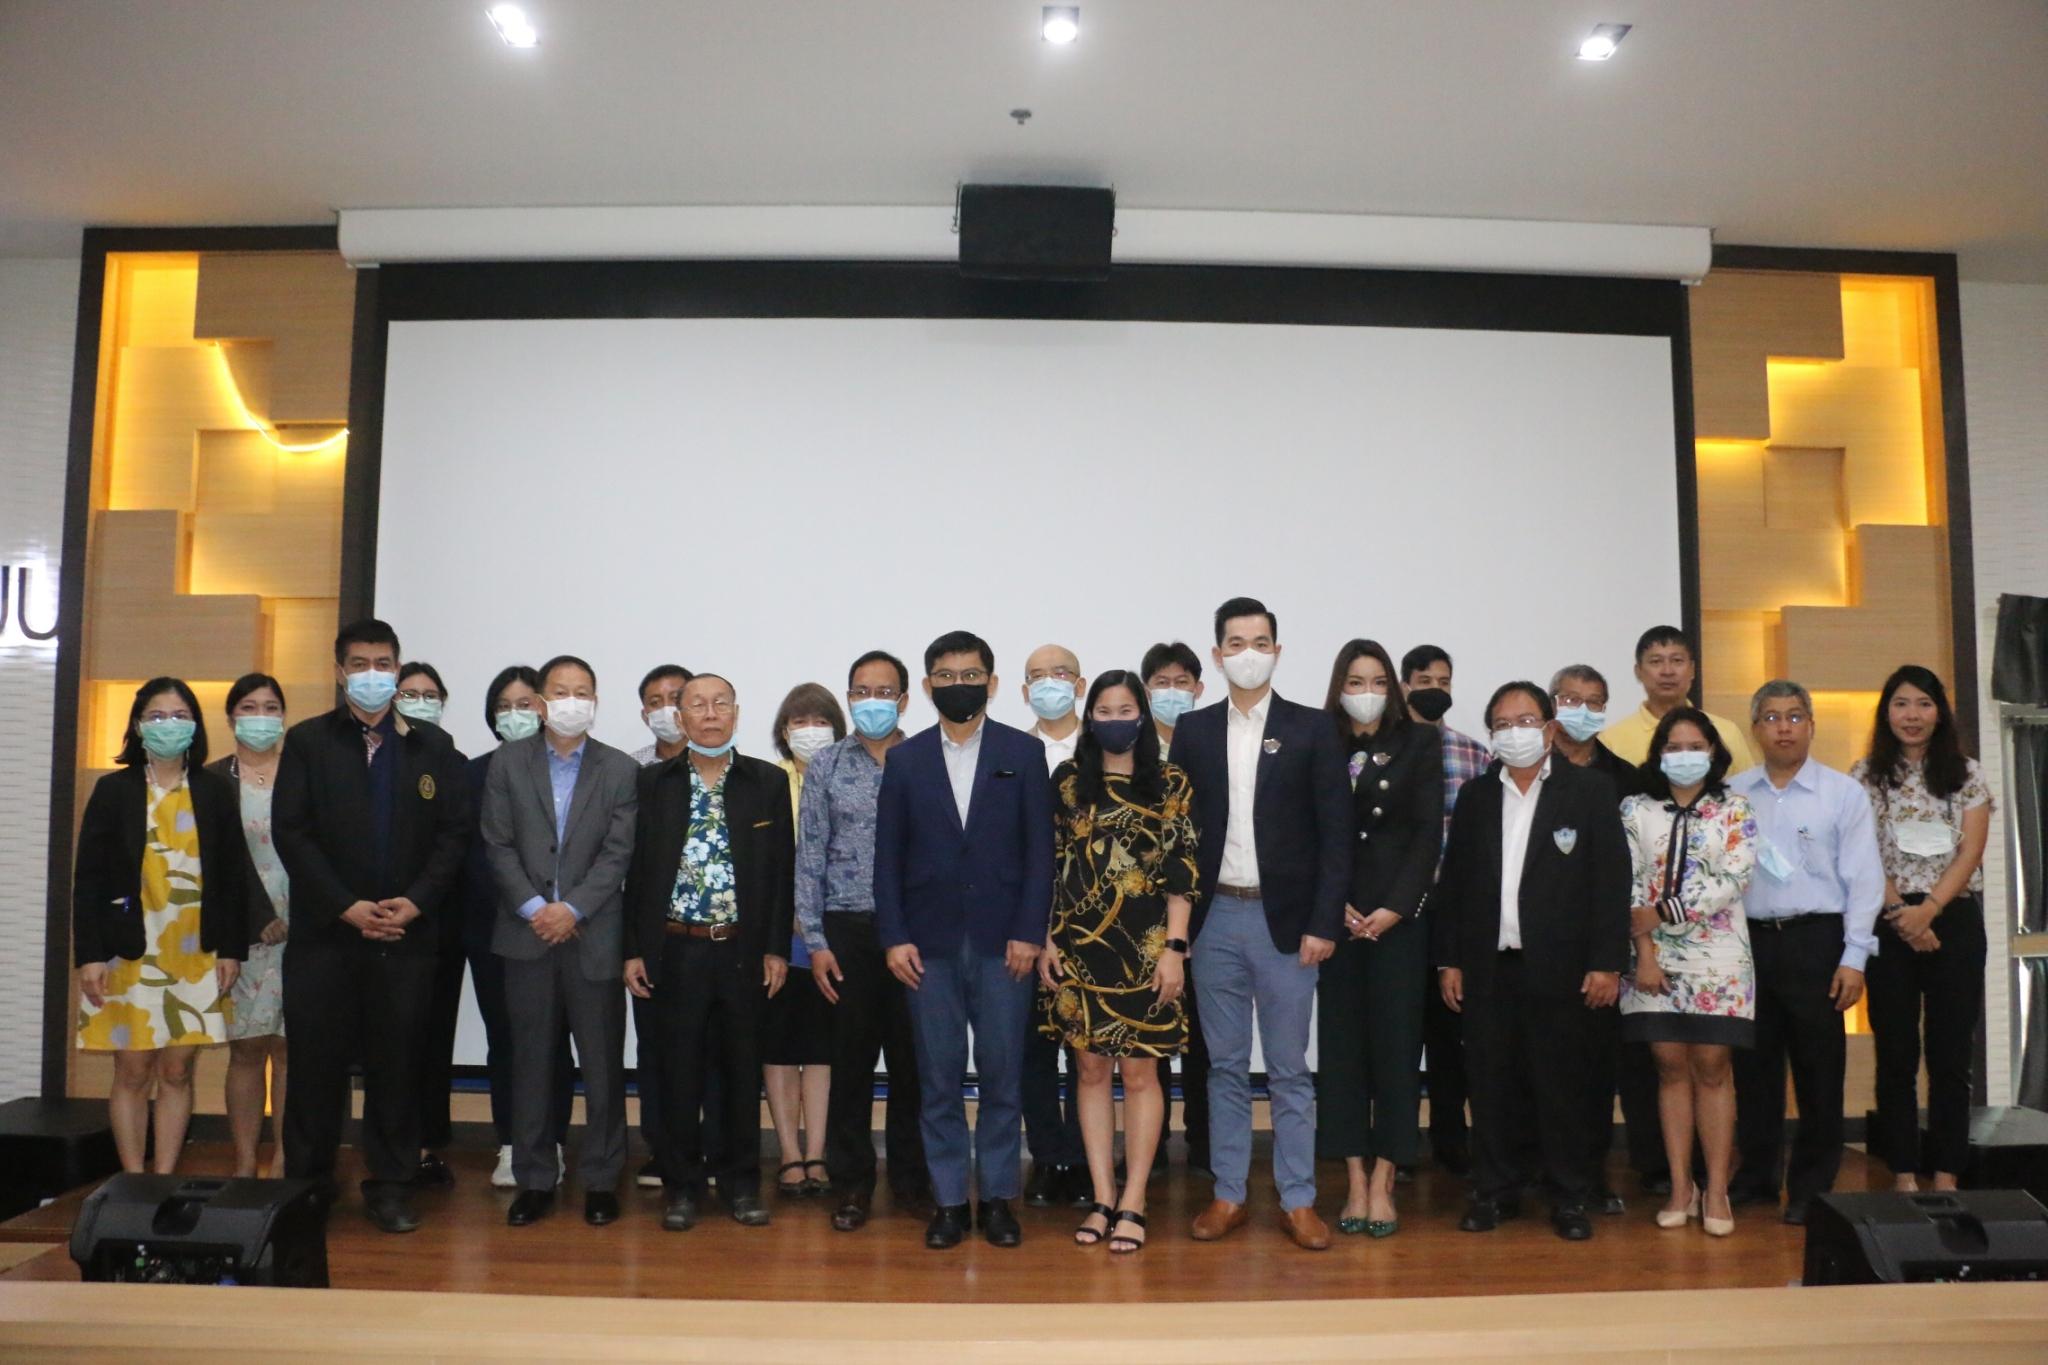 อธิการบดี และผู้บริหารมหาวิทยาลัยบูรพา ได้เข้าร่วมรับฟัง และปรึกษาหารือแนวทางการบริหารคณะฯ